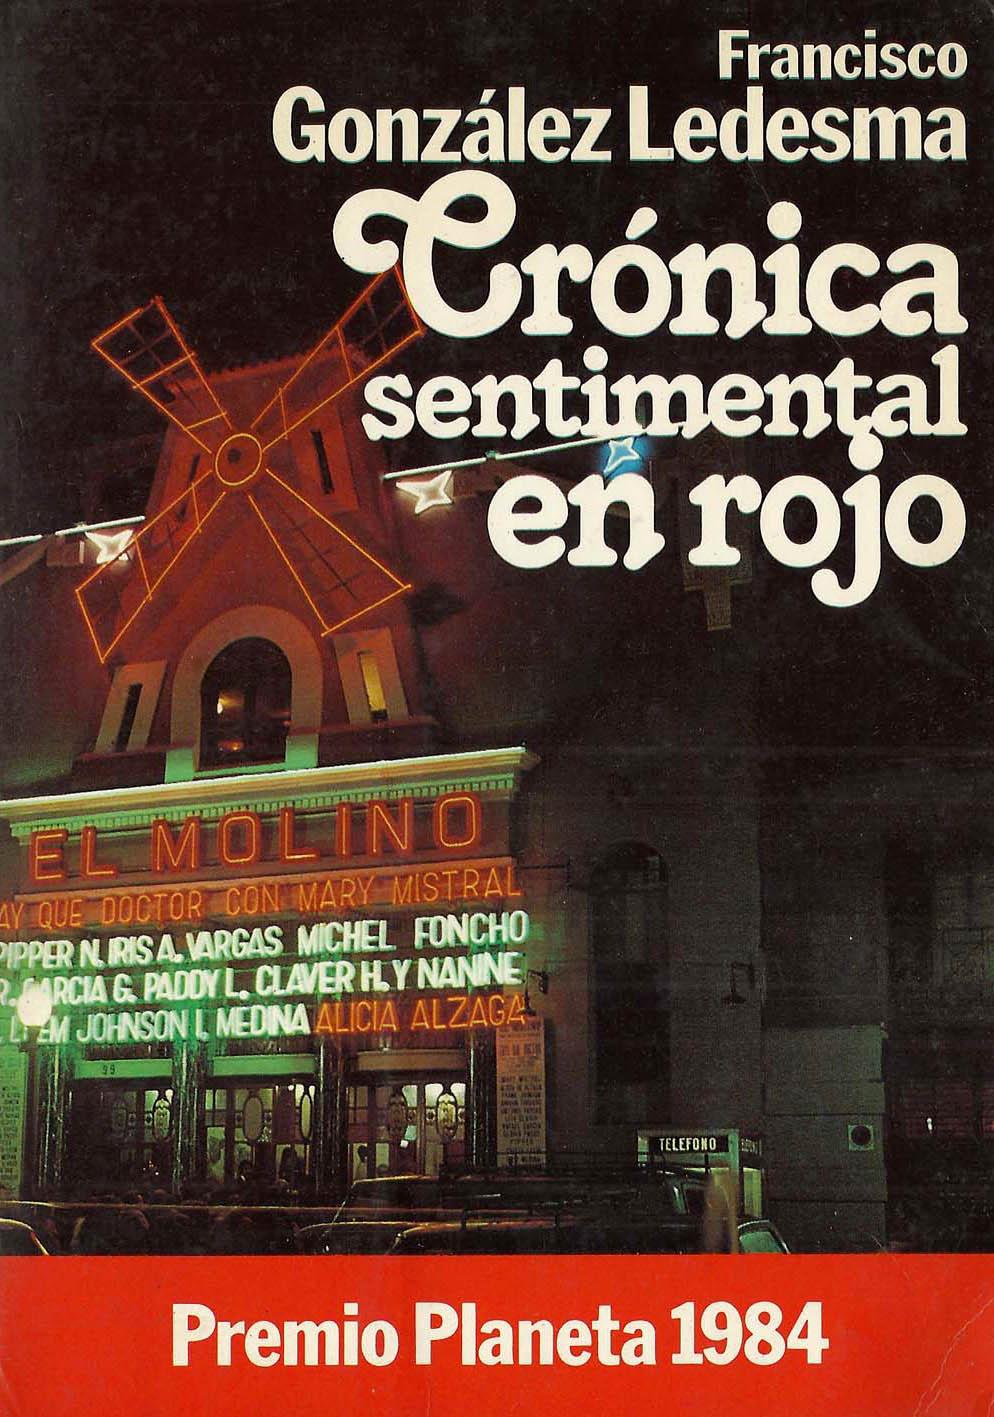 CRÓNICA SENTIMENTAL EN ROJO Francisco González Ledesma Premio Planeta 1984.  Colección autores españoles e hispanoamericanos. Editorial Planeta Barcelona